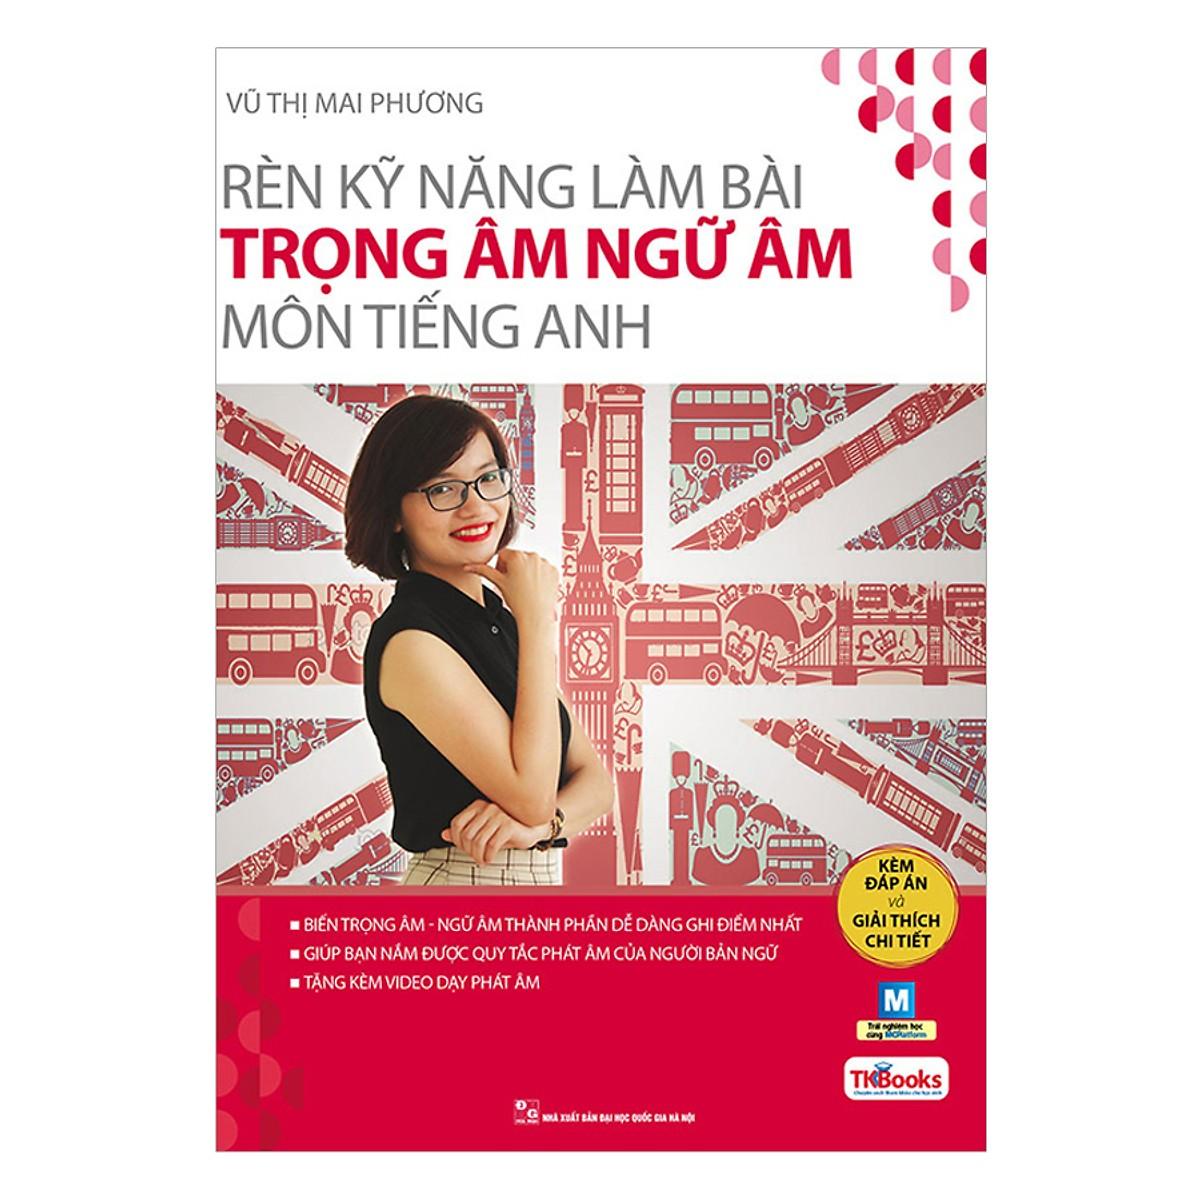 Combo 3 Bộ Sách Tiếng Anh Cô Mai Phương (Tặng kèm Bookmark PL)